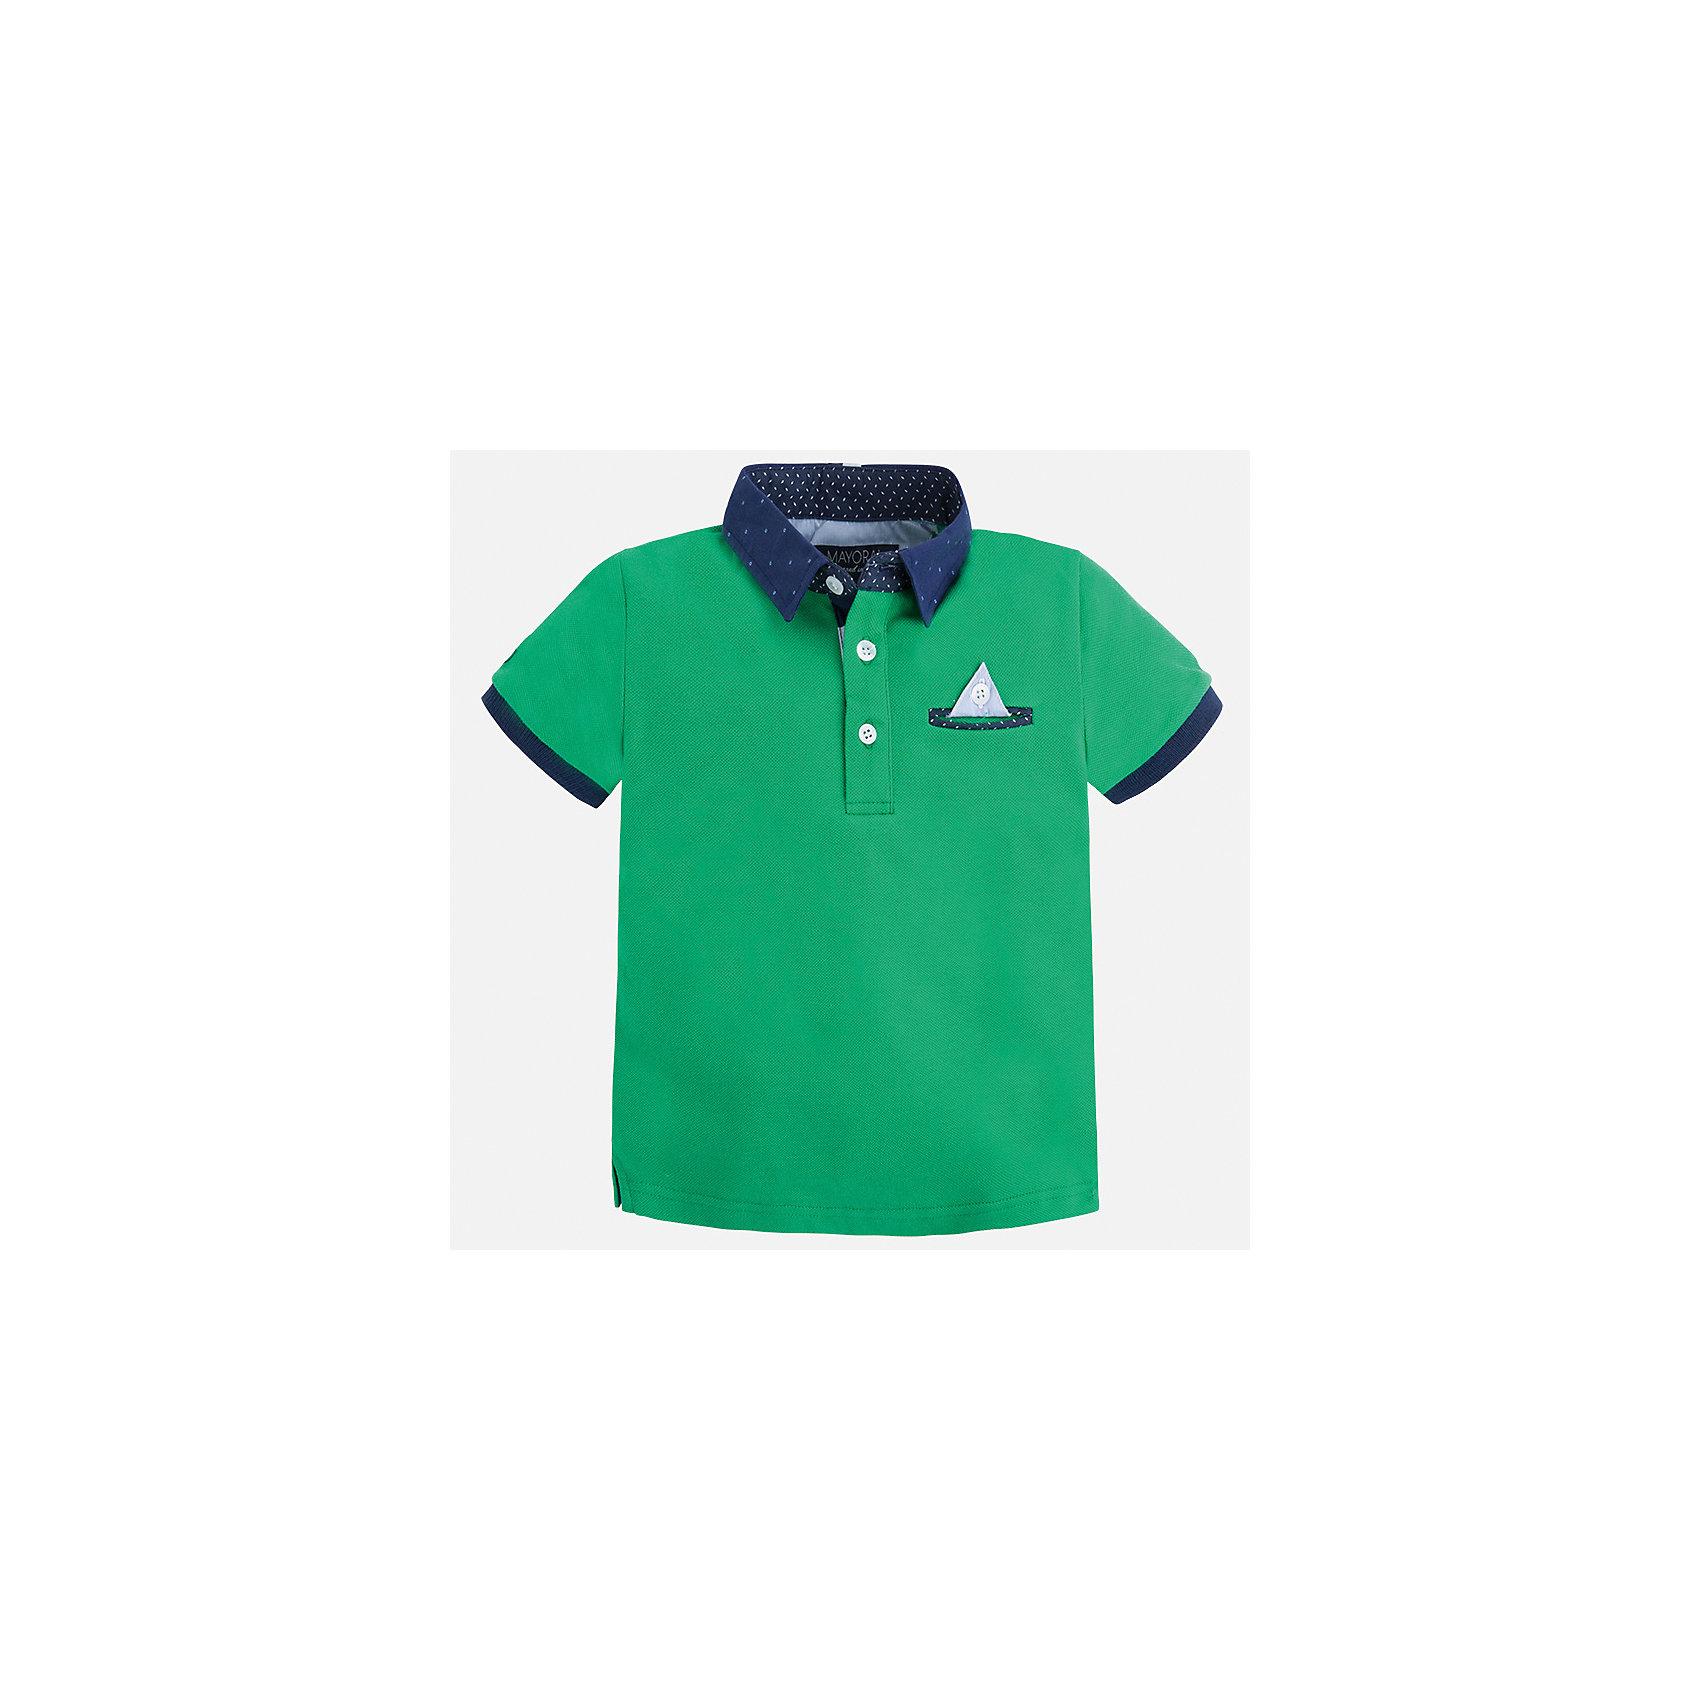 Футболка-поло для мальчика MayoralФутболки, поло и топы<br>Характеристики товара:<br><br>• цвет: зеленый<br>• состав: 100% хлопок<br>• отложной воротник<br>• короткие рукава<br>• застежка: пуговицы<br>• карман на груди<br>• страна бренда: Испания<br><br>Модная футболка-поло для мальчика может стать базовой вещью в гардеробе ребенка. Она отлично сочетается с брюками, шортами, джинсами и т.д. Универсальный крой и цвет позволяет подобрать к вещи низ разных расцветок. Практичное и стильное изделие! В составе материала - только натуральный хлопок, гипоаллергенный, приятный на ощупь, дышащий.<br><br>Одежда, обувь и аксессуары от испанского бренда Mayoral полюбились детям и взрослым по всему миру. Модели этой марки - стильные и удобные. Для их производства используются только безопасные, качественные материалы и фурнитура. Порадуйте ребенка модными и красивыми вещами от Mayoral! <br><br>Футболку-поло для мальчика от испанского бренда Mayoral (Майорал) можно купить в нашем интернет-магазине.<br><br>Ширина мм: 230<br>Глубина мм: 40<br>Высота мм: 220<br>Вес г: 250<br>Цвет: зеленый<br>Возраст от месяцев: 48<br>Возраст до месяцев: 60<br>Пол: Мужской<br>Возраст: Детский<br>Размер: 110,92,134,128,104,122,98,116<br>SKU: 5280345